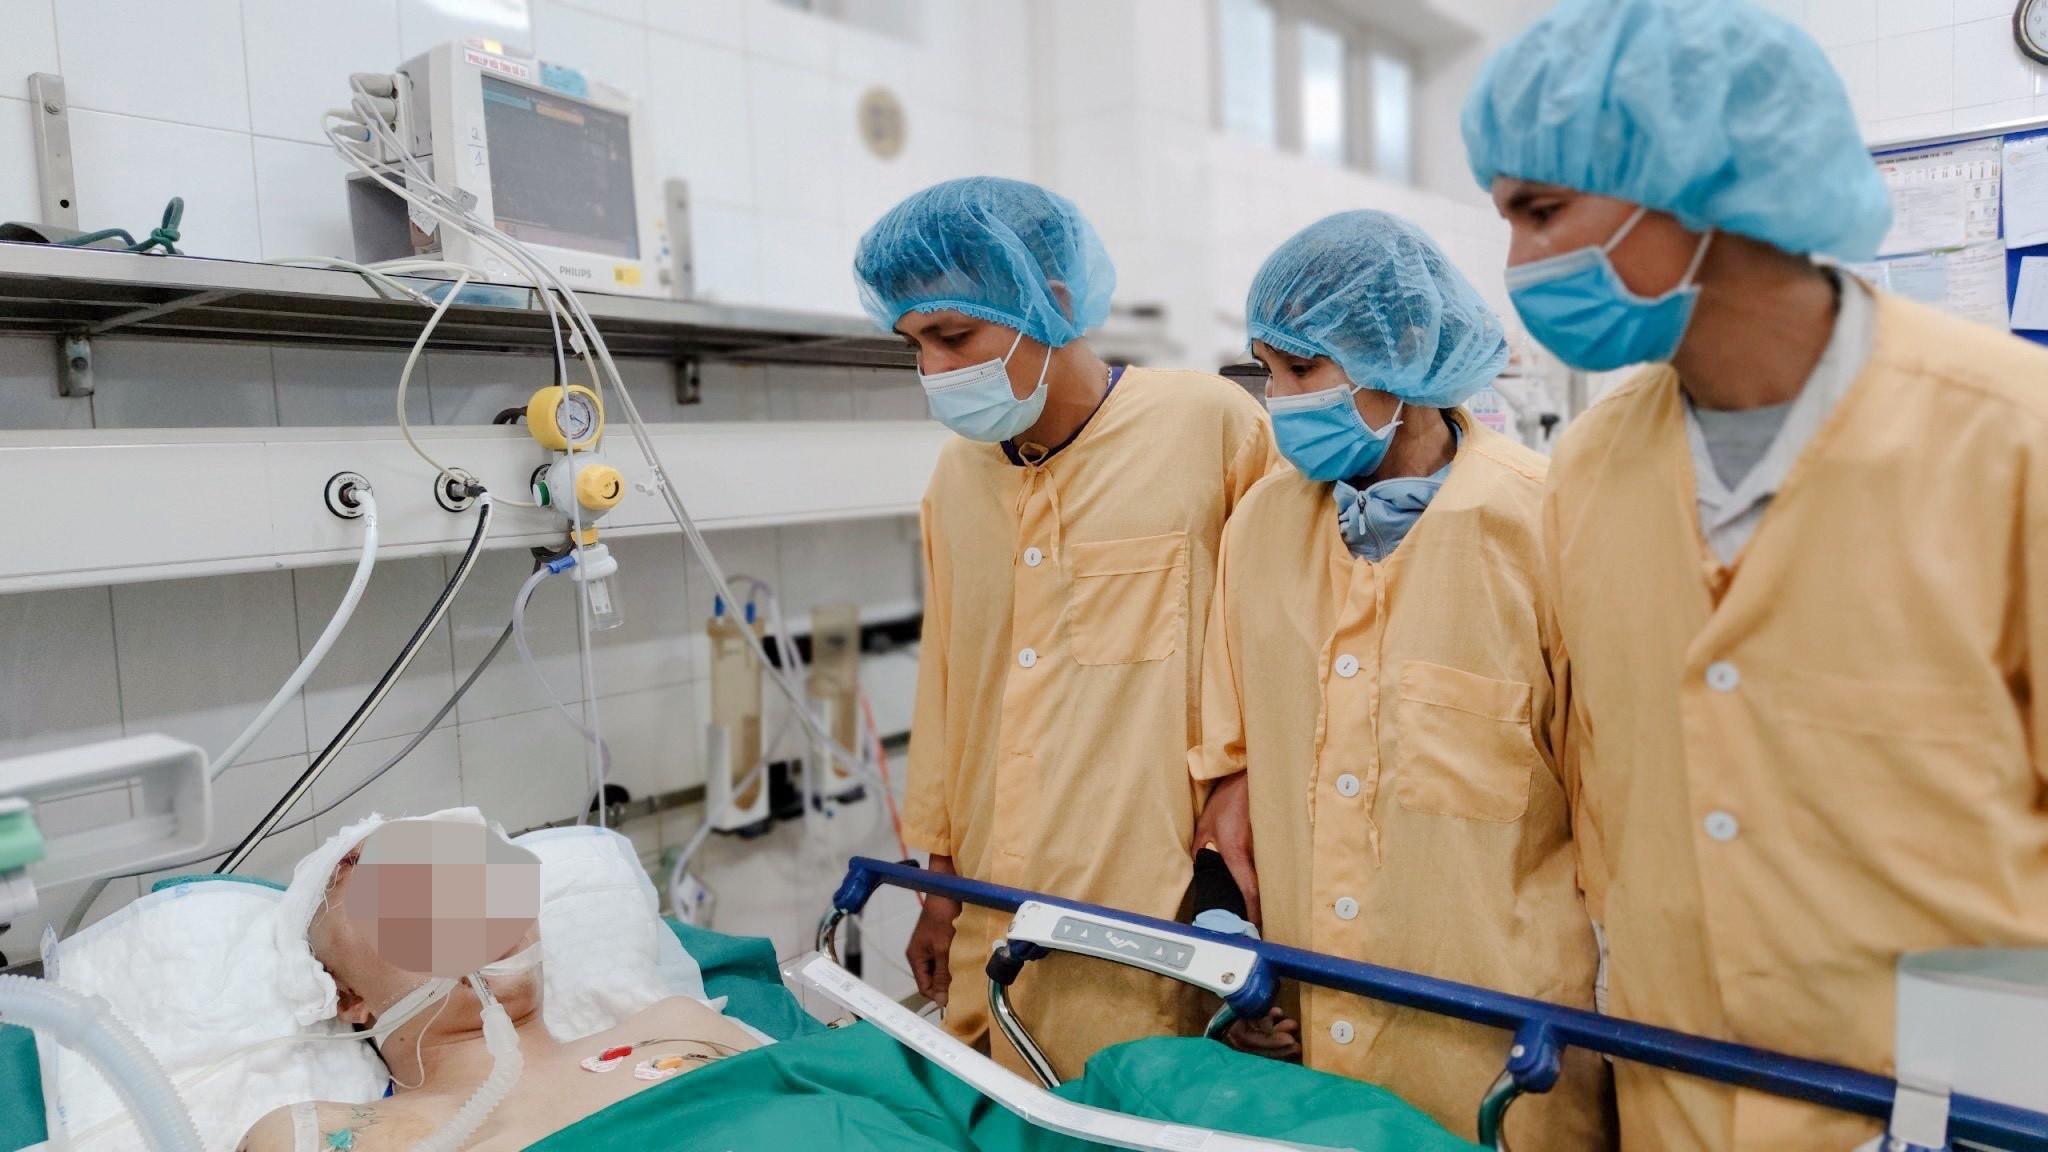 Gia đình chàng trai 22 tuổi chết não hiến 4 tạng hồi sinh sự sống cho 4 cuộc đời